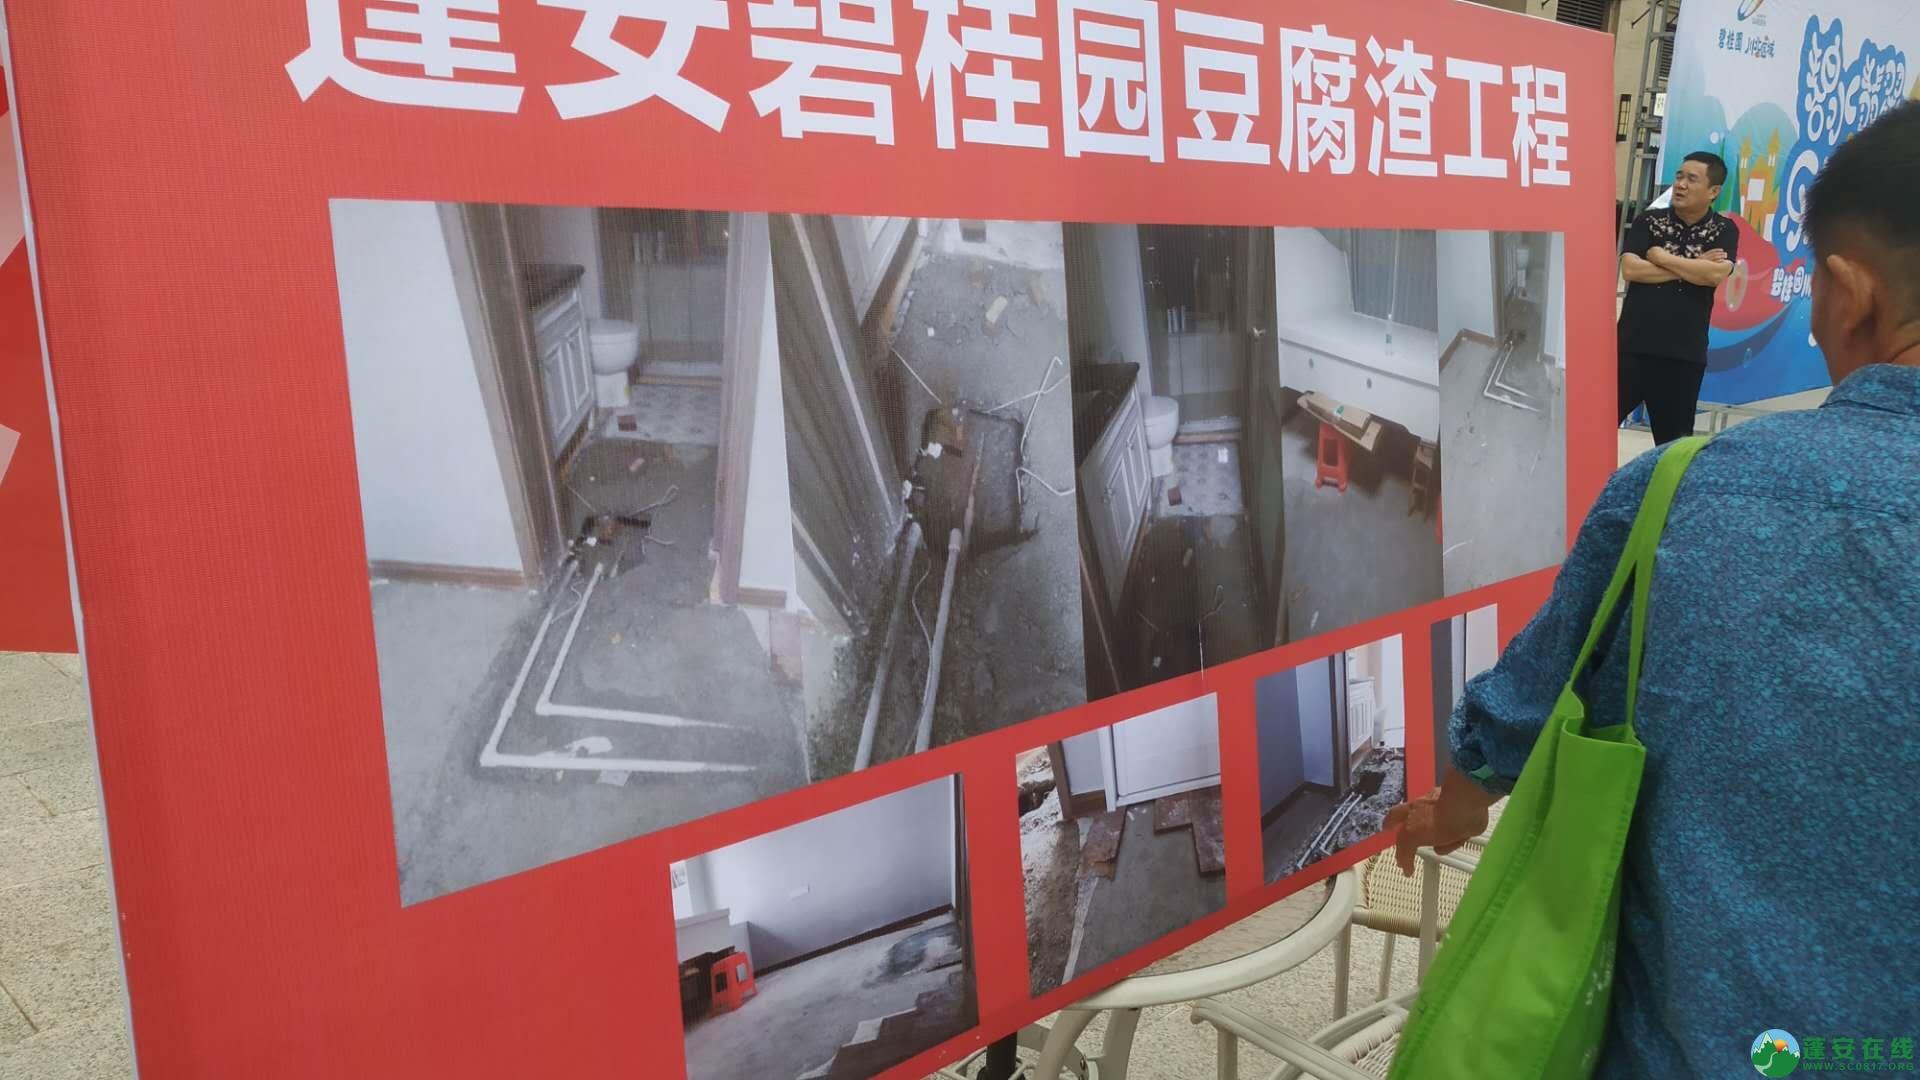 蓬安碧桂园业主因物业收费和房屋出现质量问题引发集体维权 - 第2张  | 蓬安在线